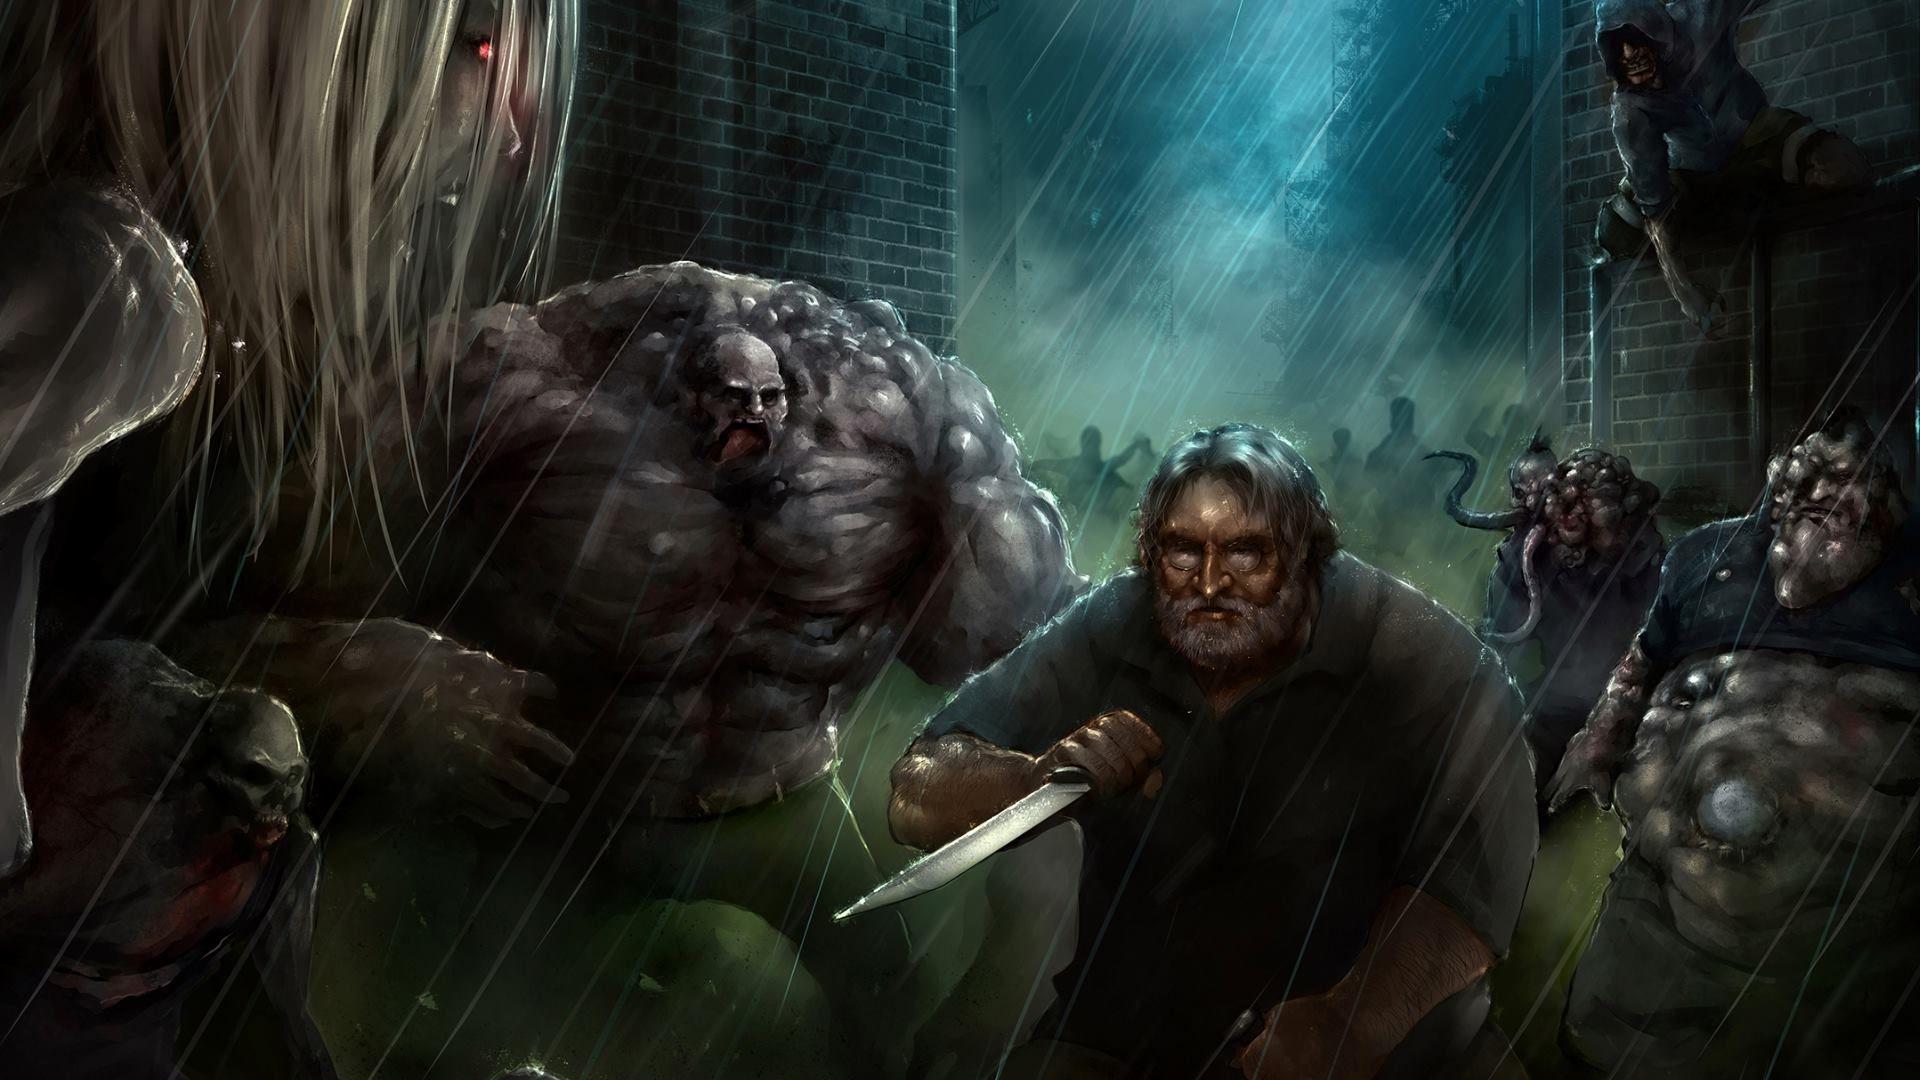 Left 4 Dead monsters HD desktop wallpaper : Widescreen : High Definition : Fullscreen